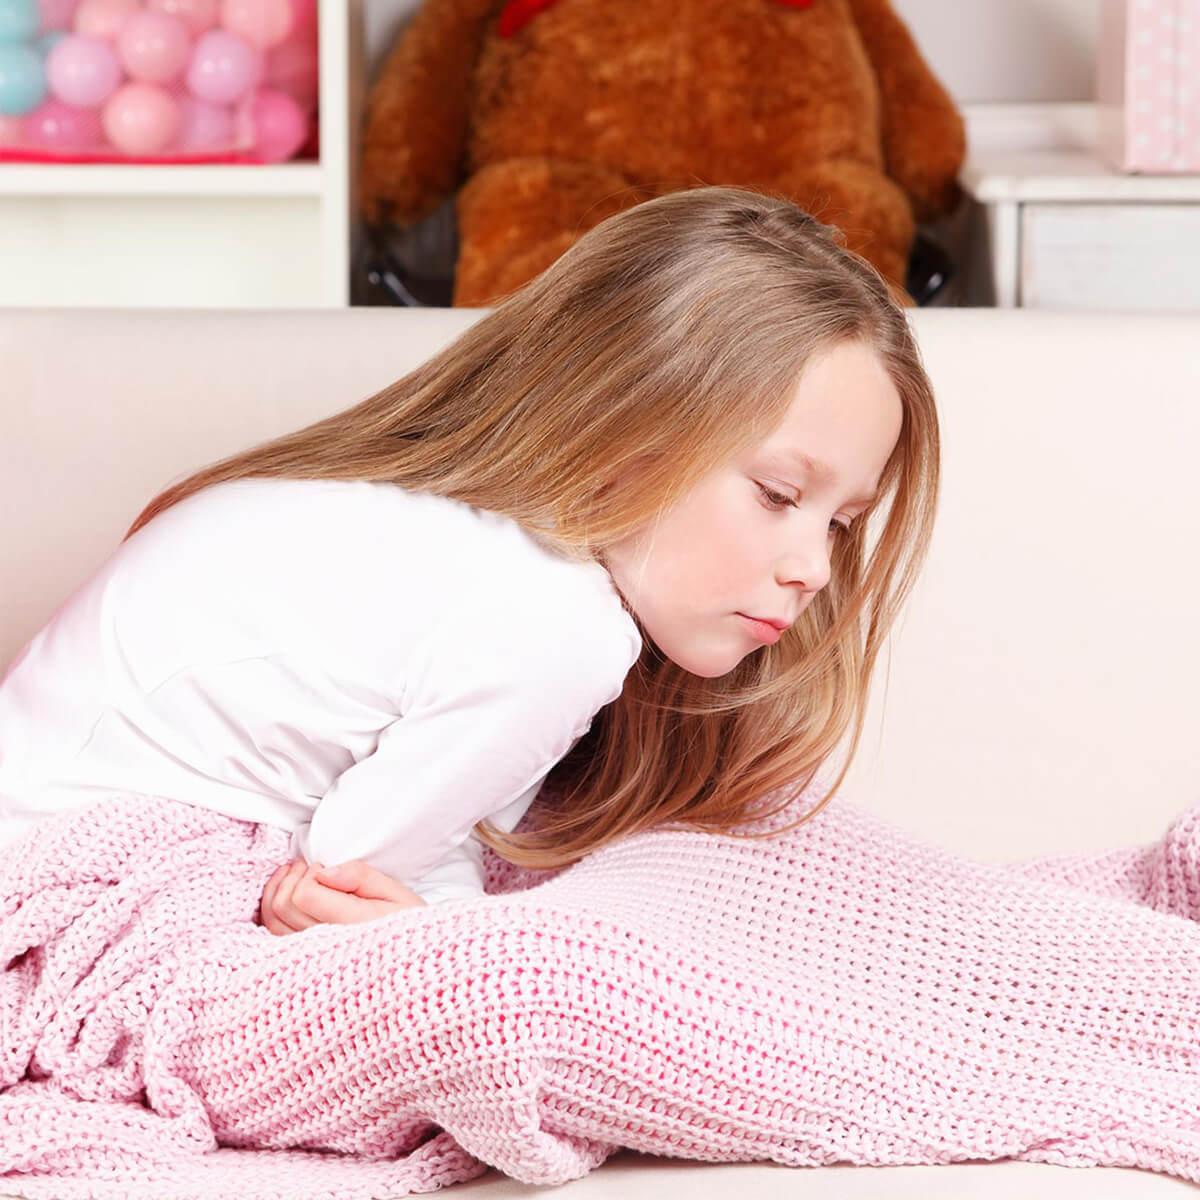 بیماری عفونت کرمک در کودکان